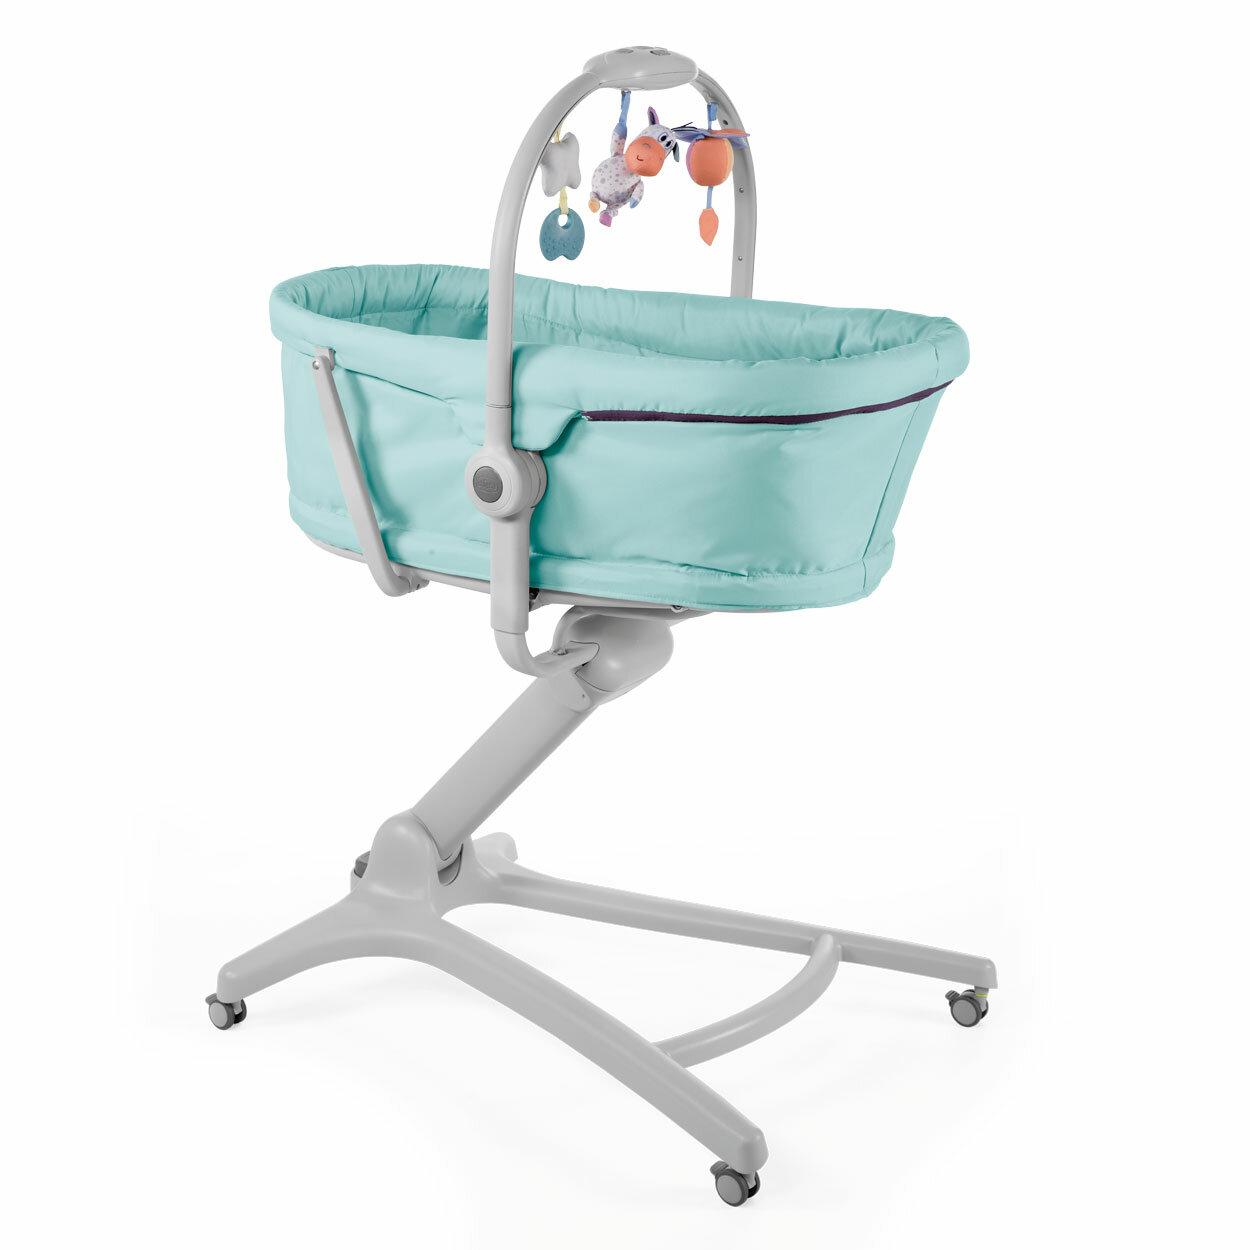 Postieľka/lehátko/stolička Chicco Baby Hug 4v1 - Aquarelle Chicco